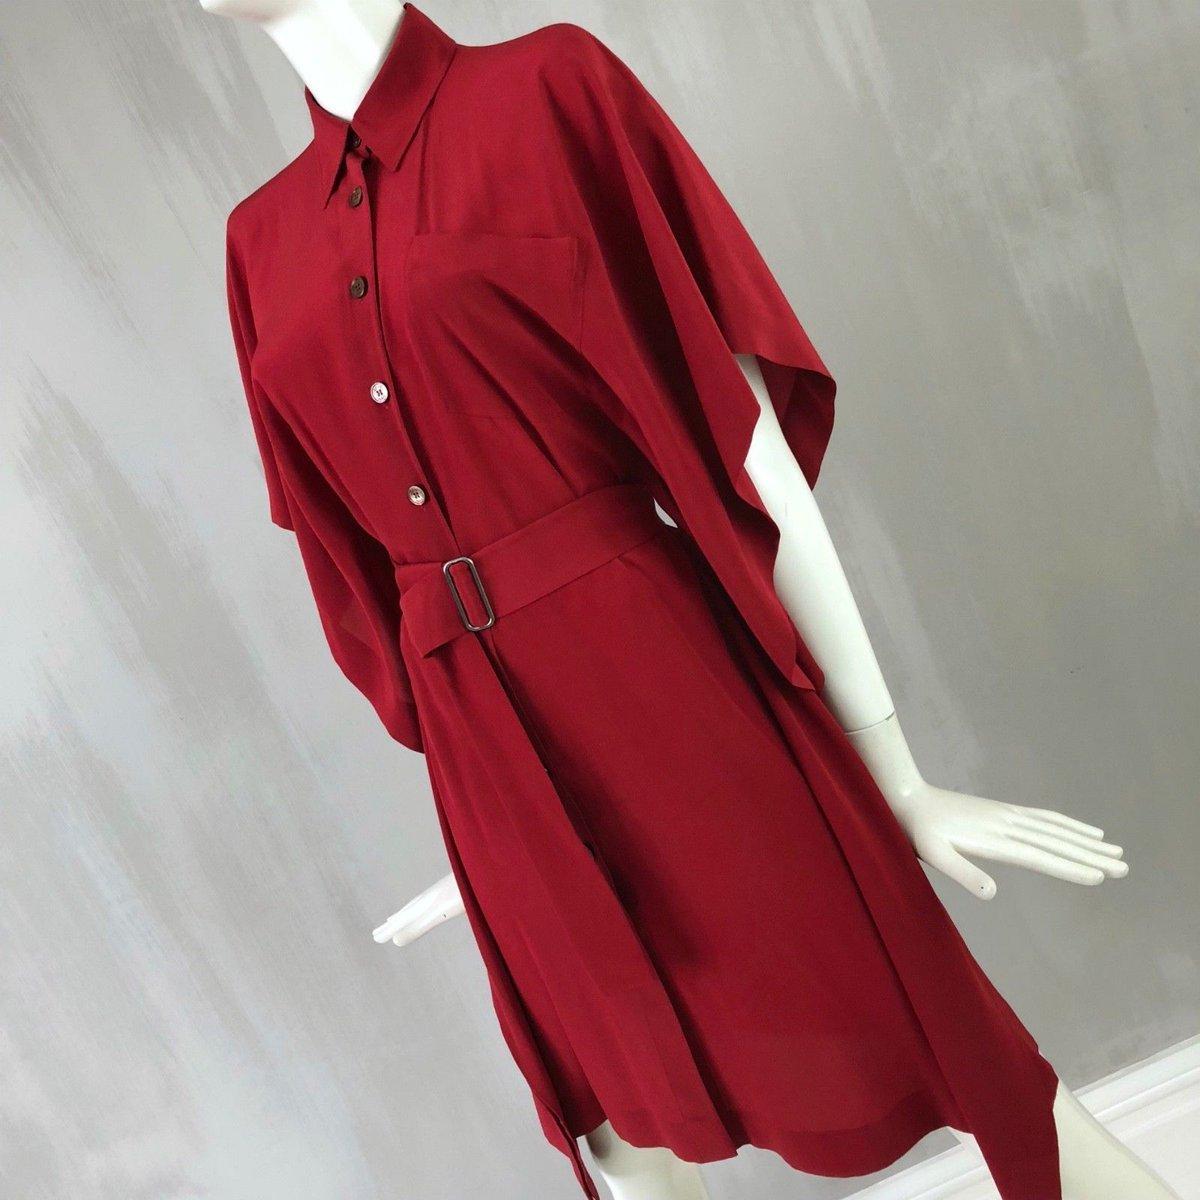 Hermes #Women #Red #Silk #Shirt #Cape #Belt #Day #Cocktail #Summer #Dress #Size XS 34 US 2